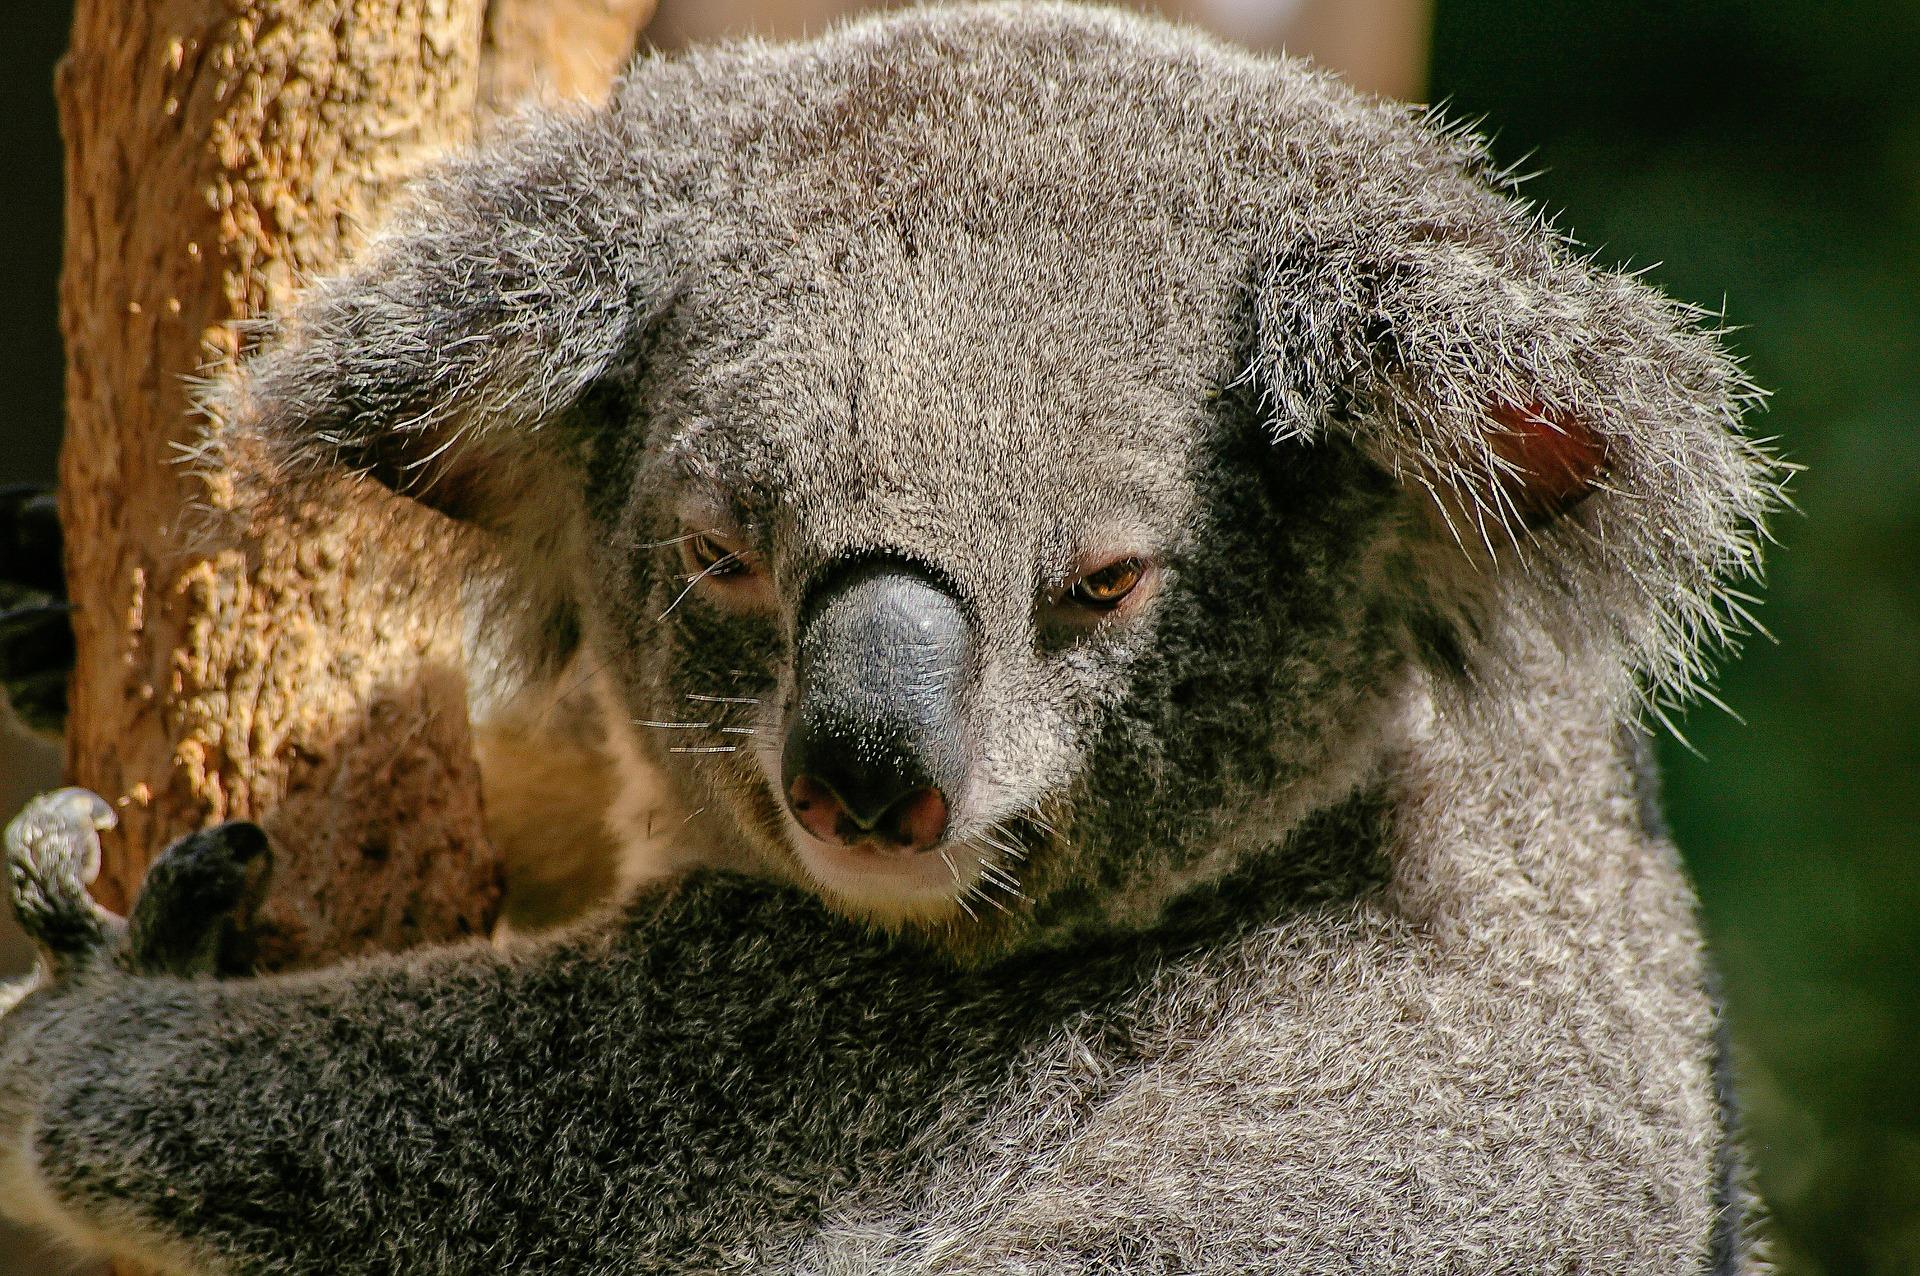 Frau rettet Koalabären aus Waldbrand